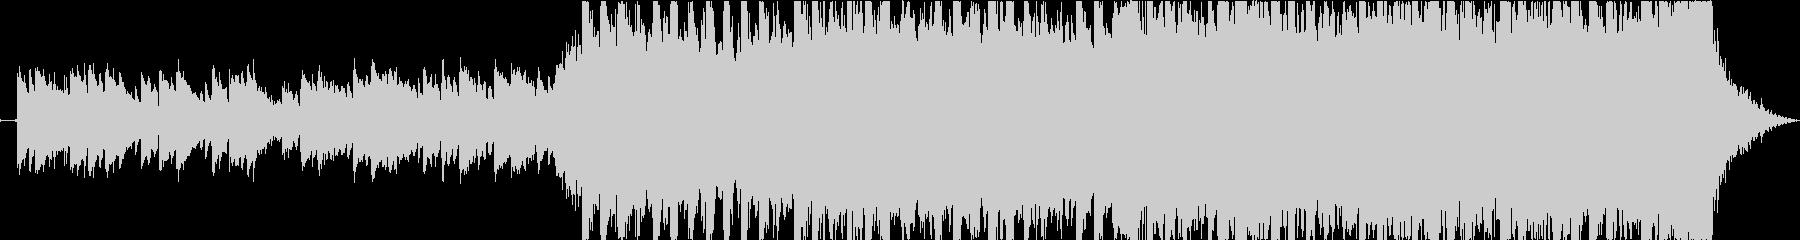 現代的 交響曲 エレクトロ ダブス...の未再生の波形